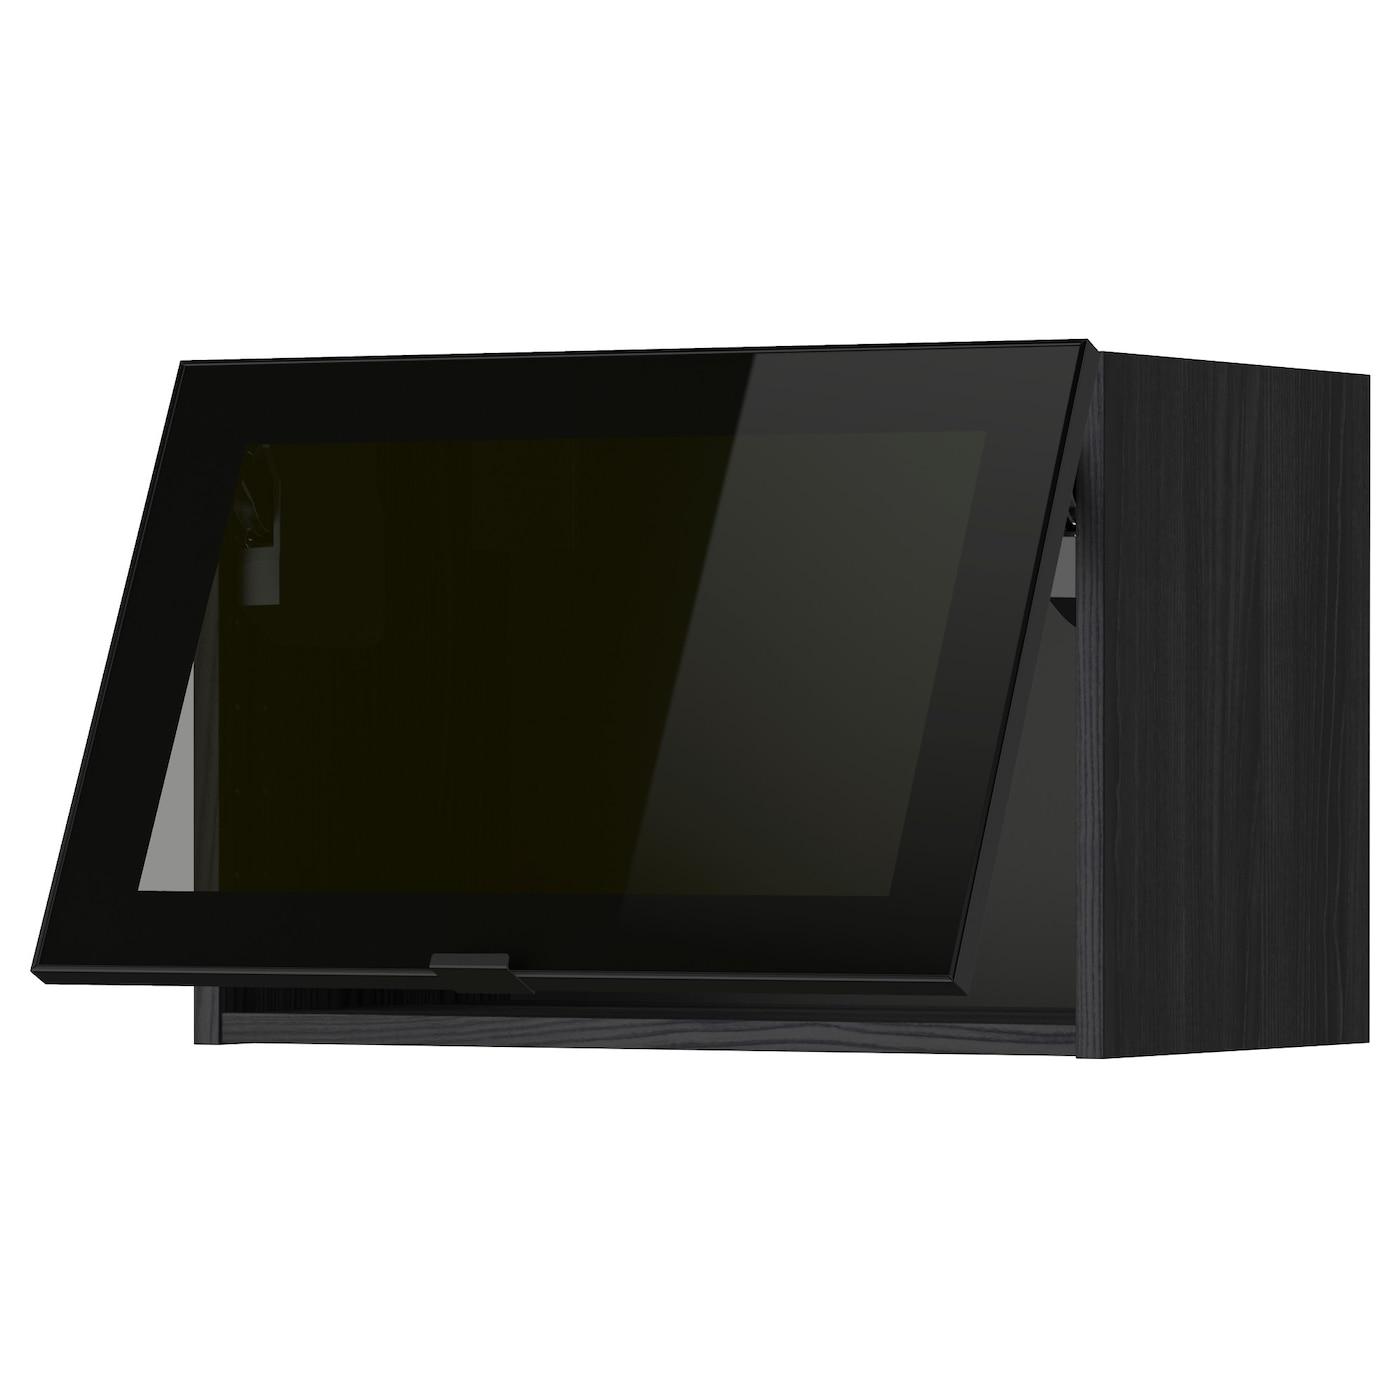 METOD Élément mural horizontal vitré - noir/Jutis verre fumé 12x12 cm